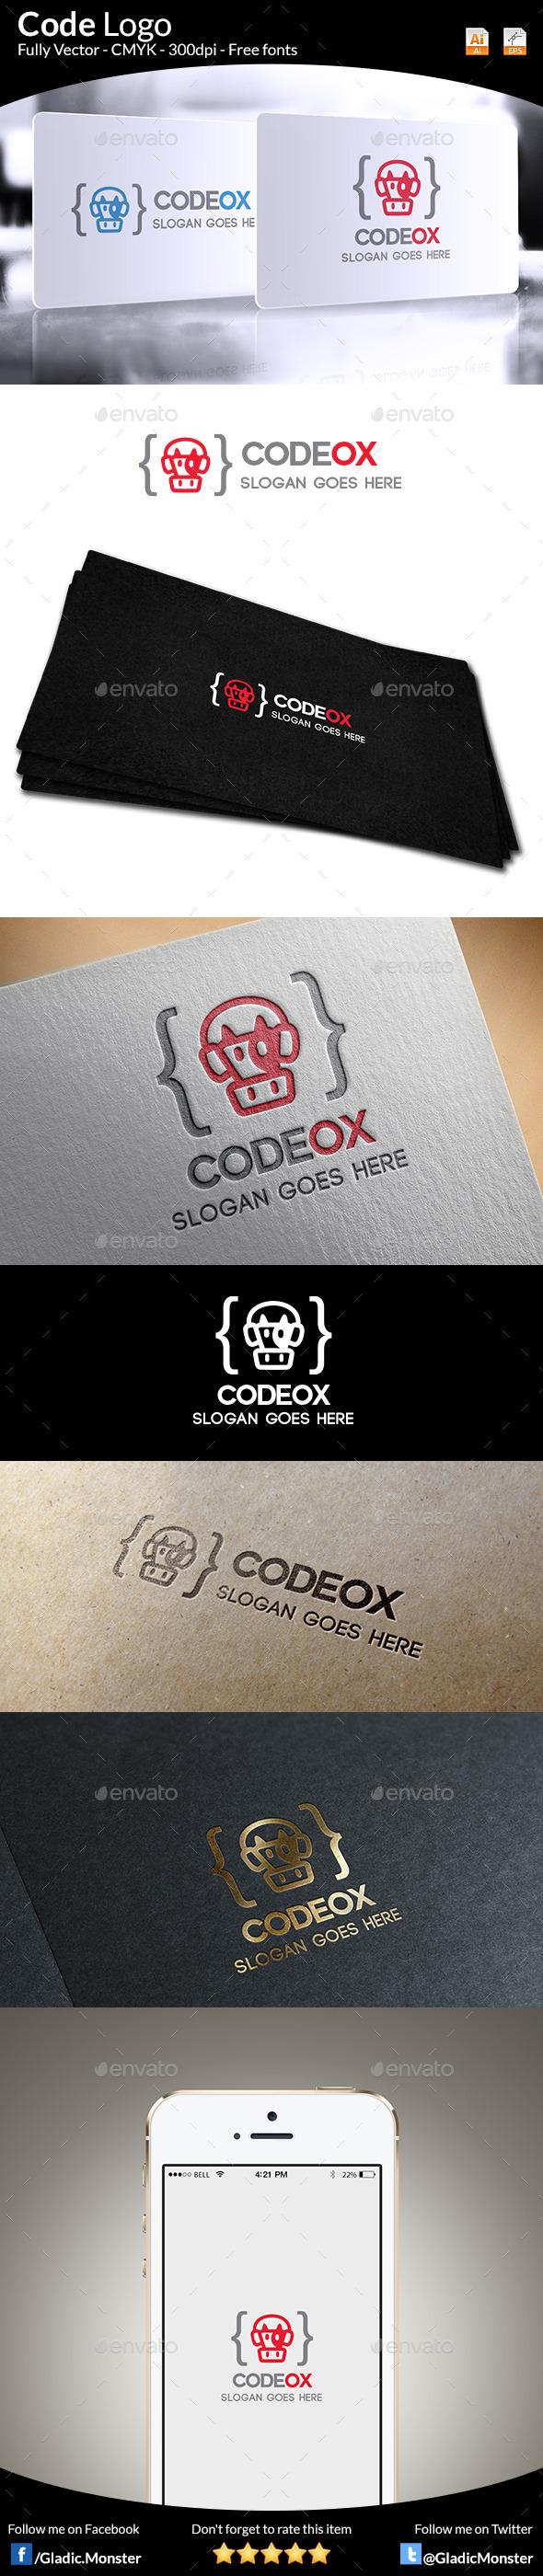 GraphicRiver Code Logo 9862200